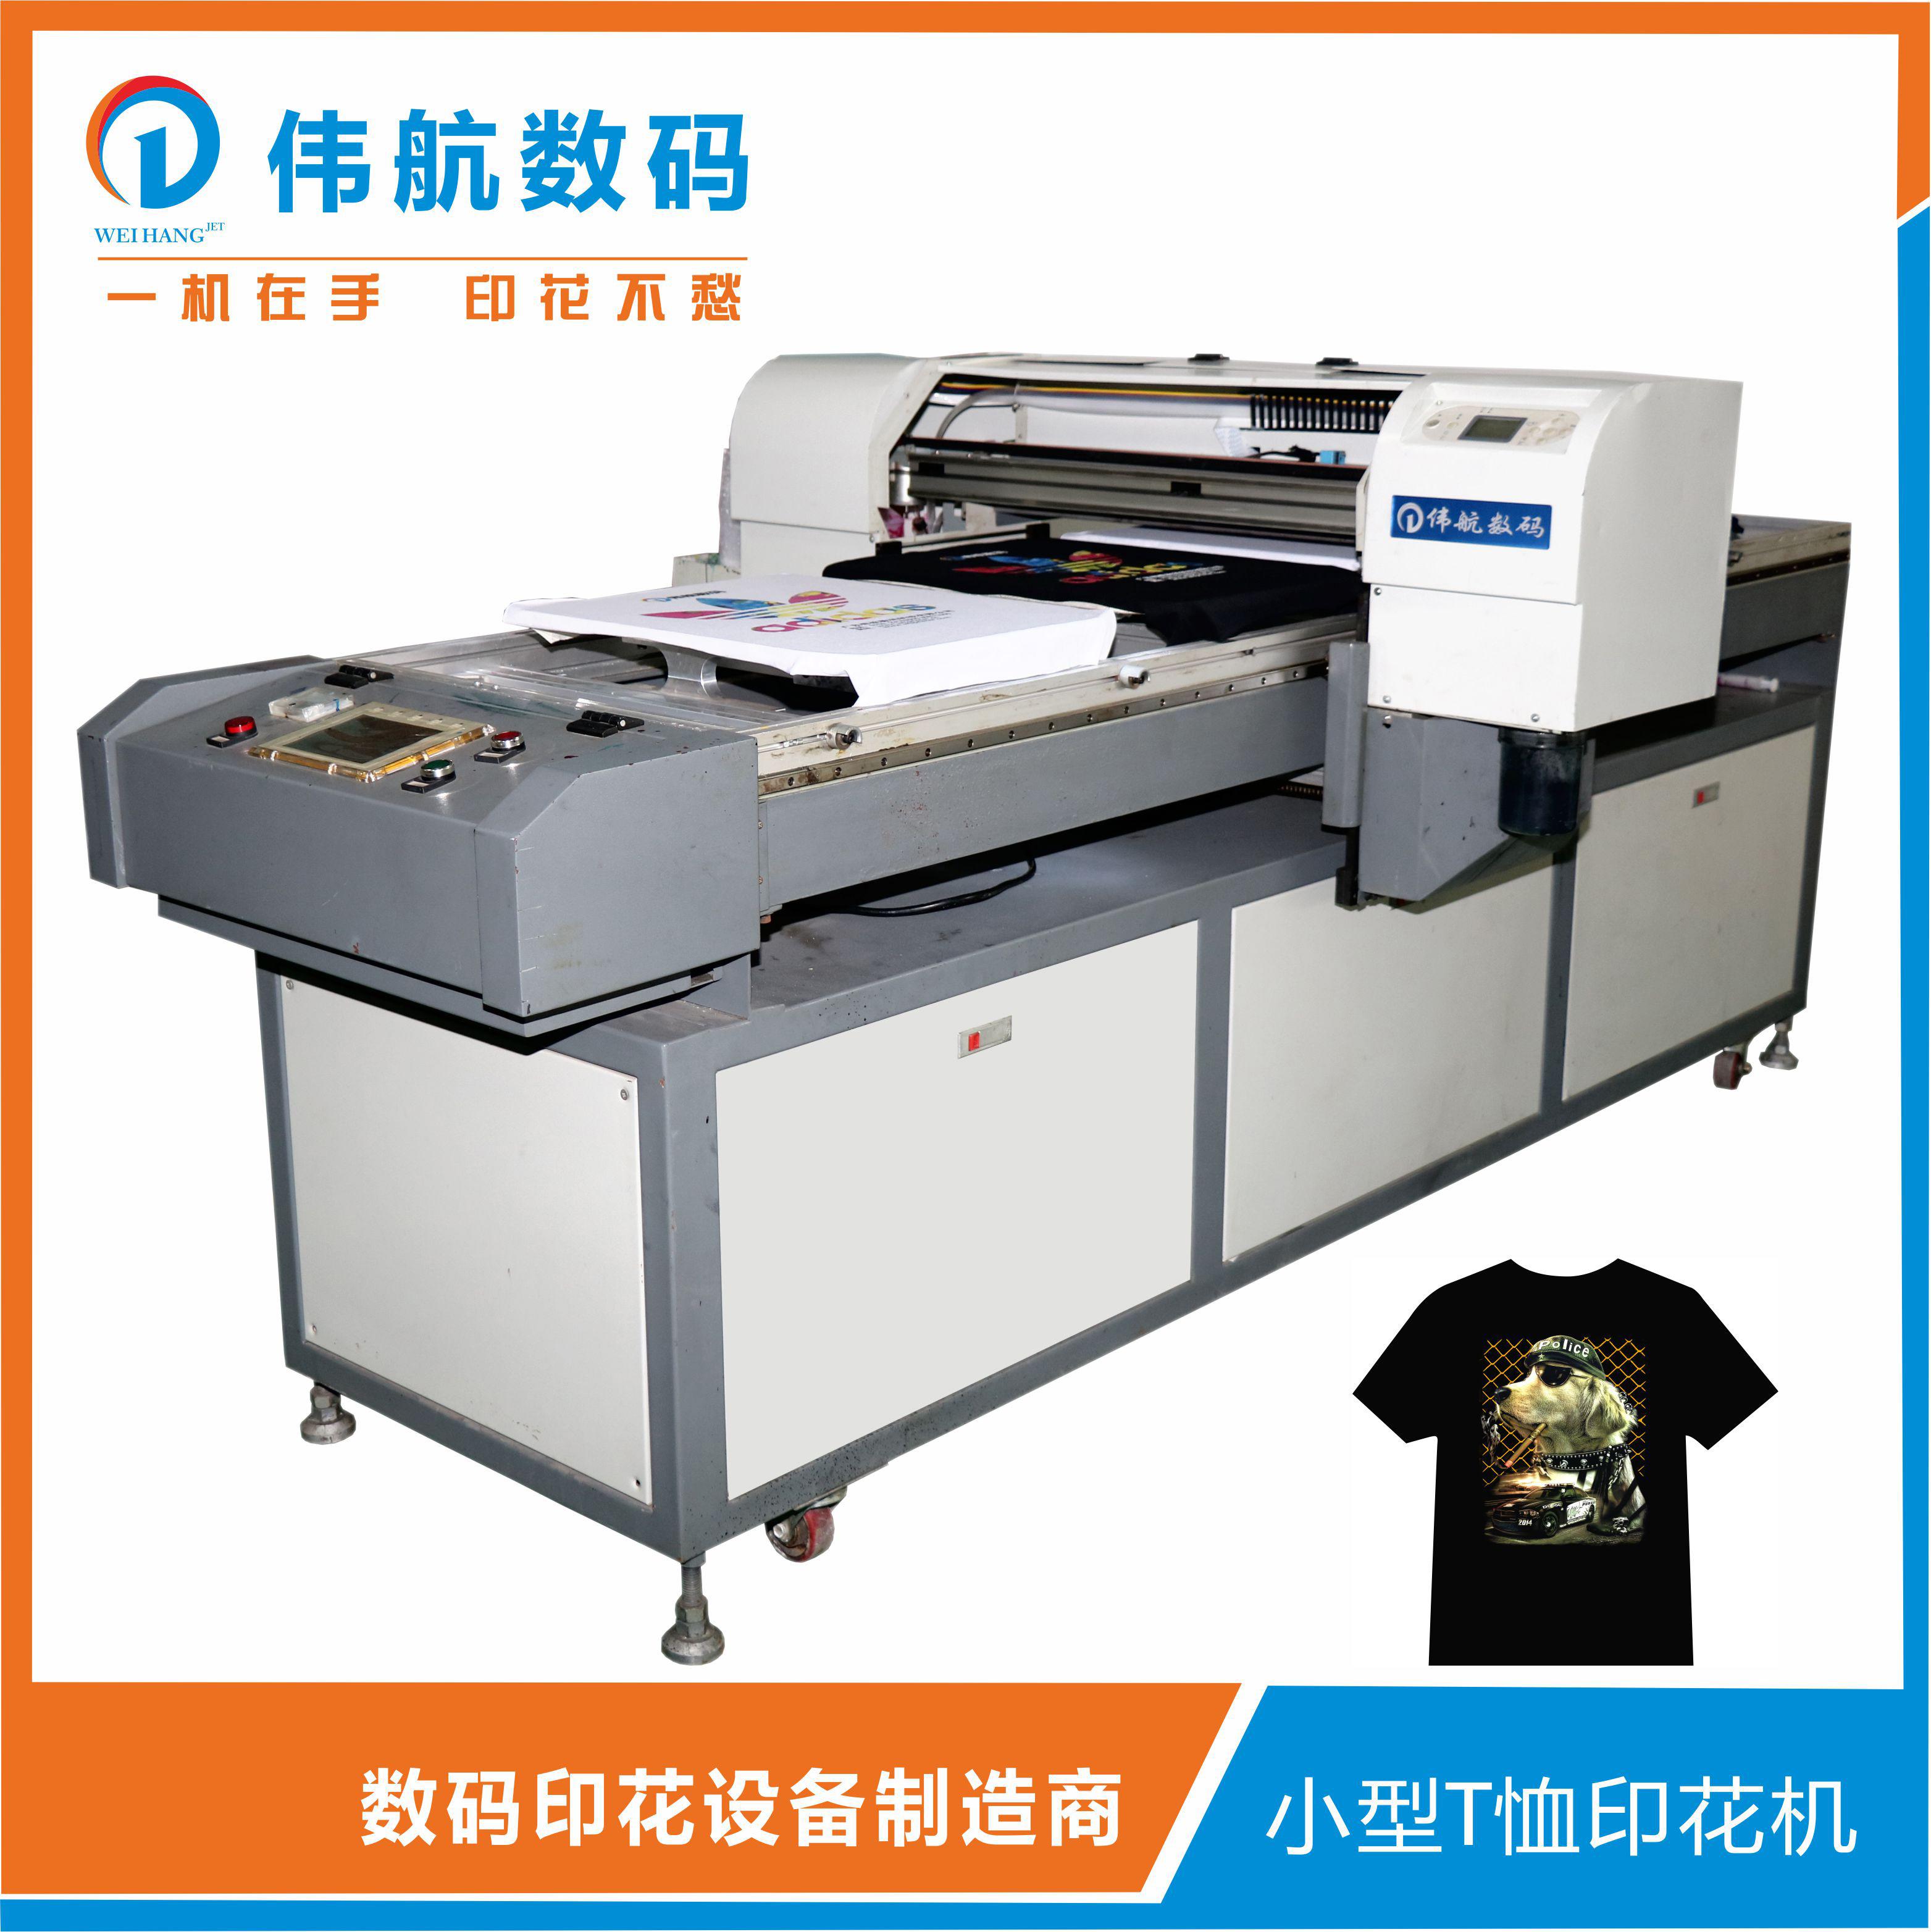 小型成衣工位印花机WH-F6018